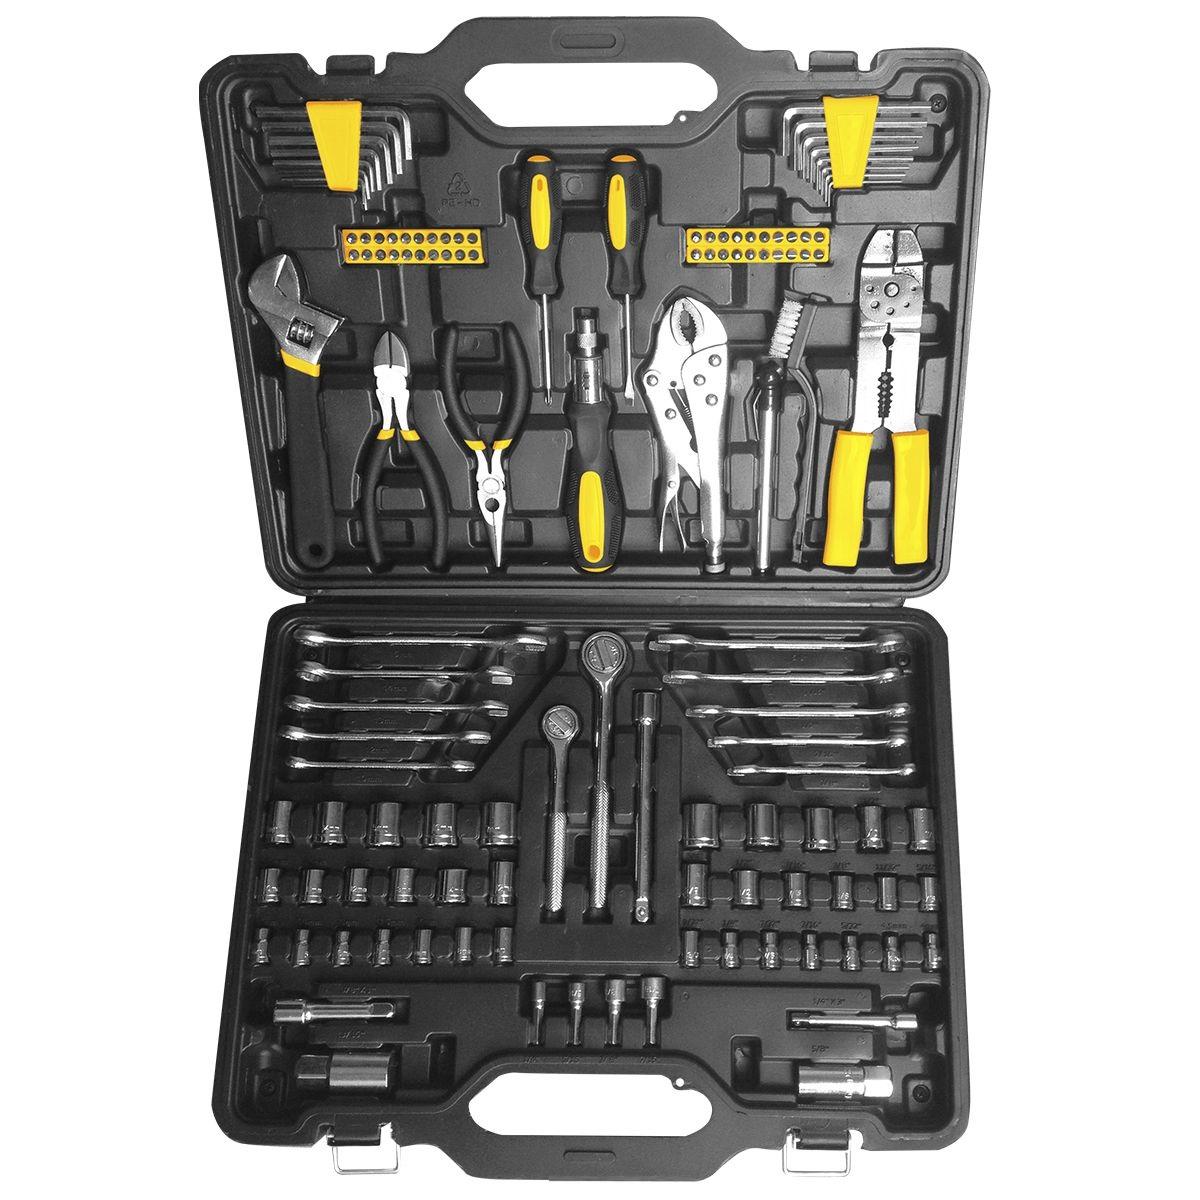 Набор инструментов Kolner Kts-123 123 предмета набор инструментов kolner kts 123 123 предмета